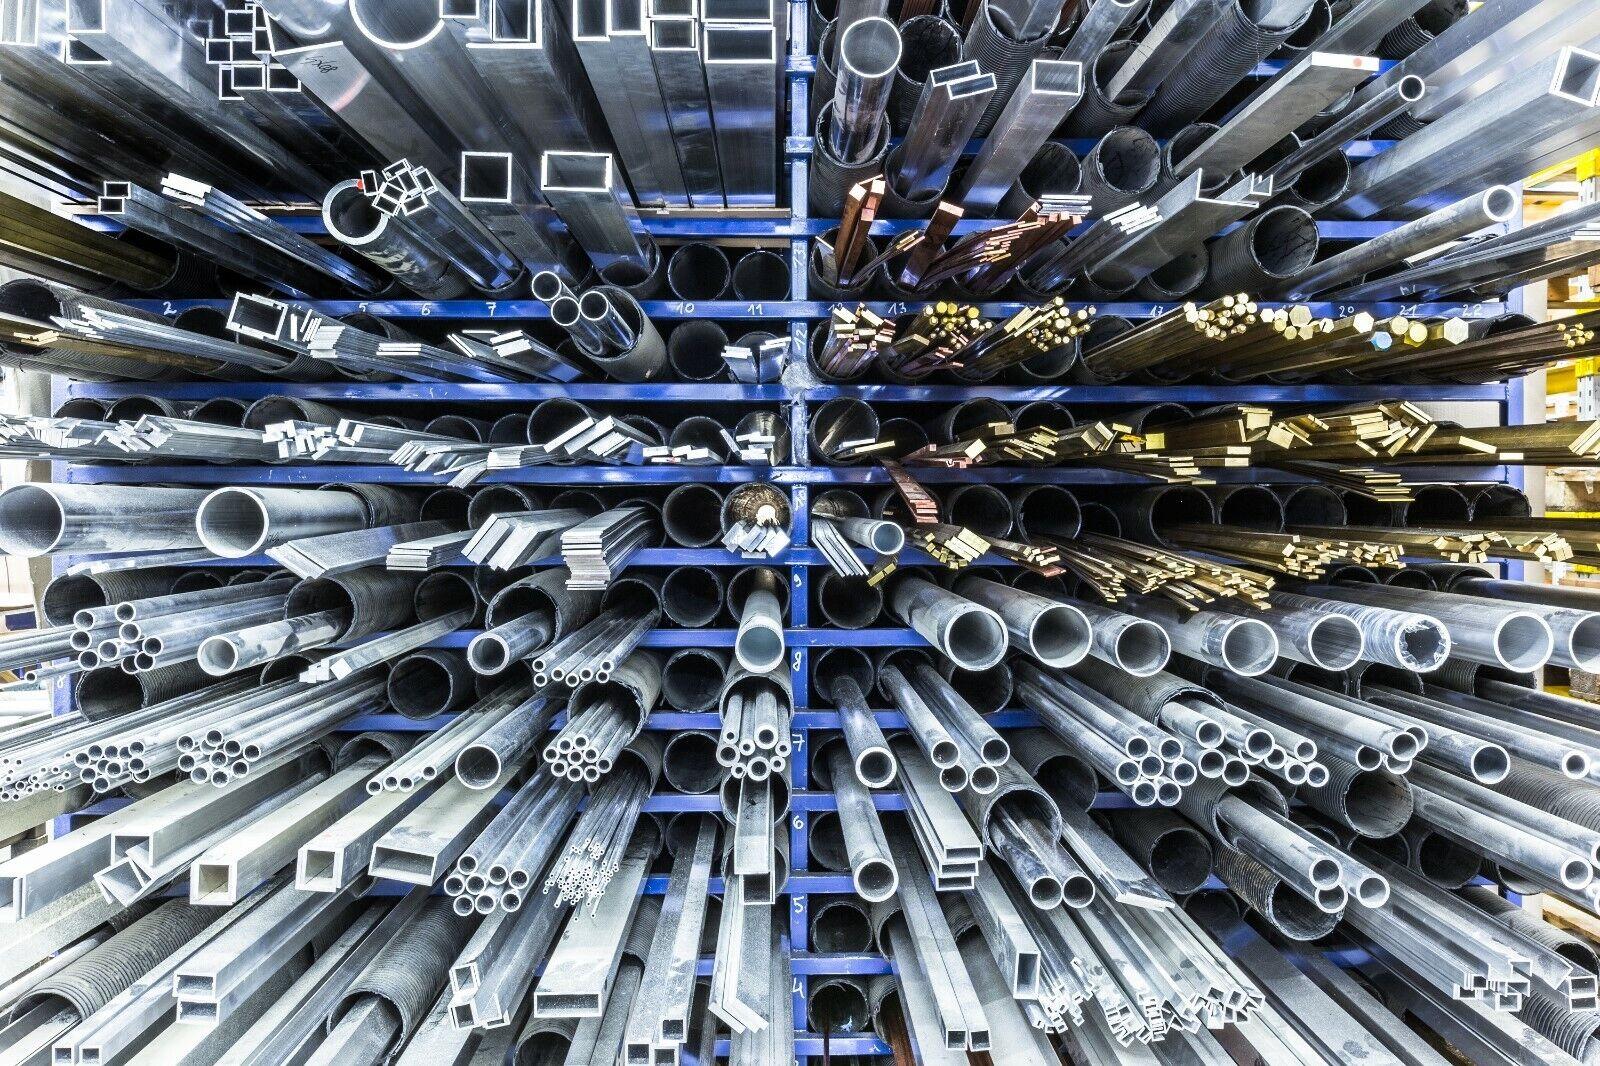 Kunststoff Flach - Vierkant - Stange - POM , PVC , PA6 - weiß - schwarz - grau